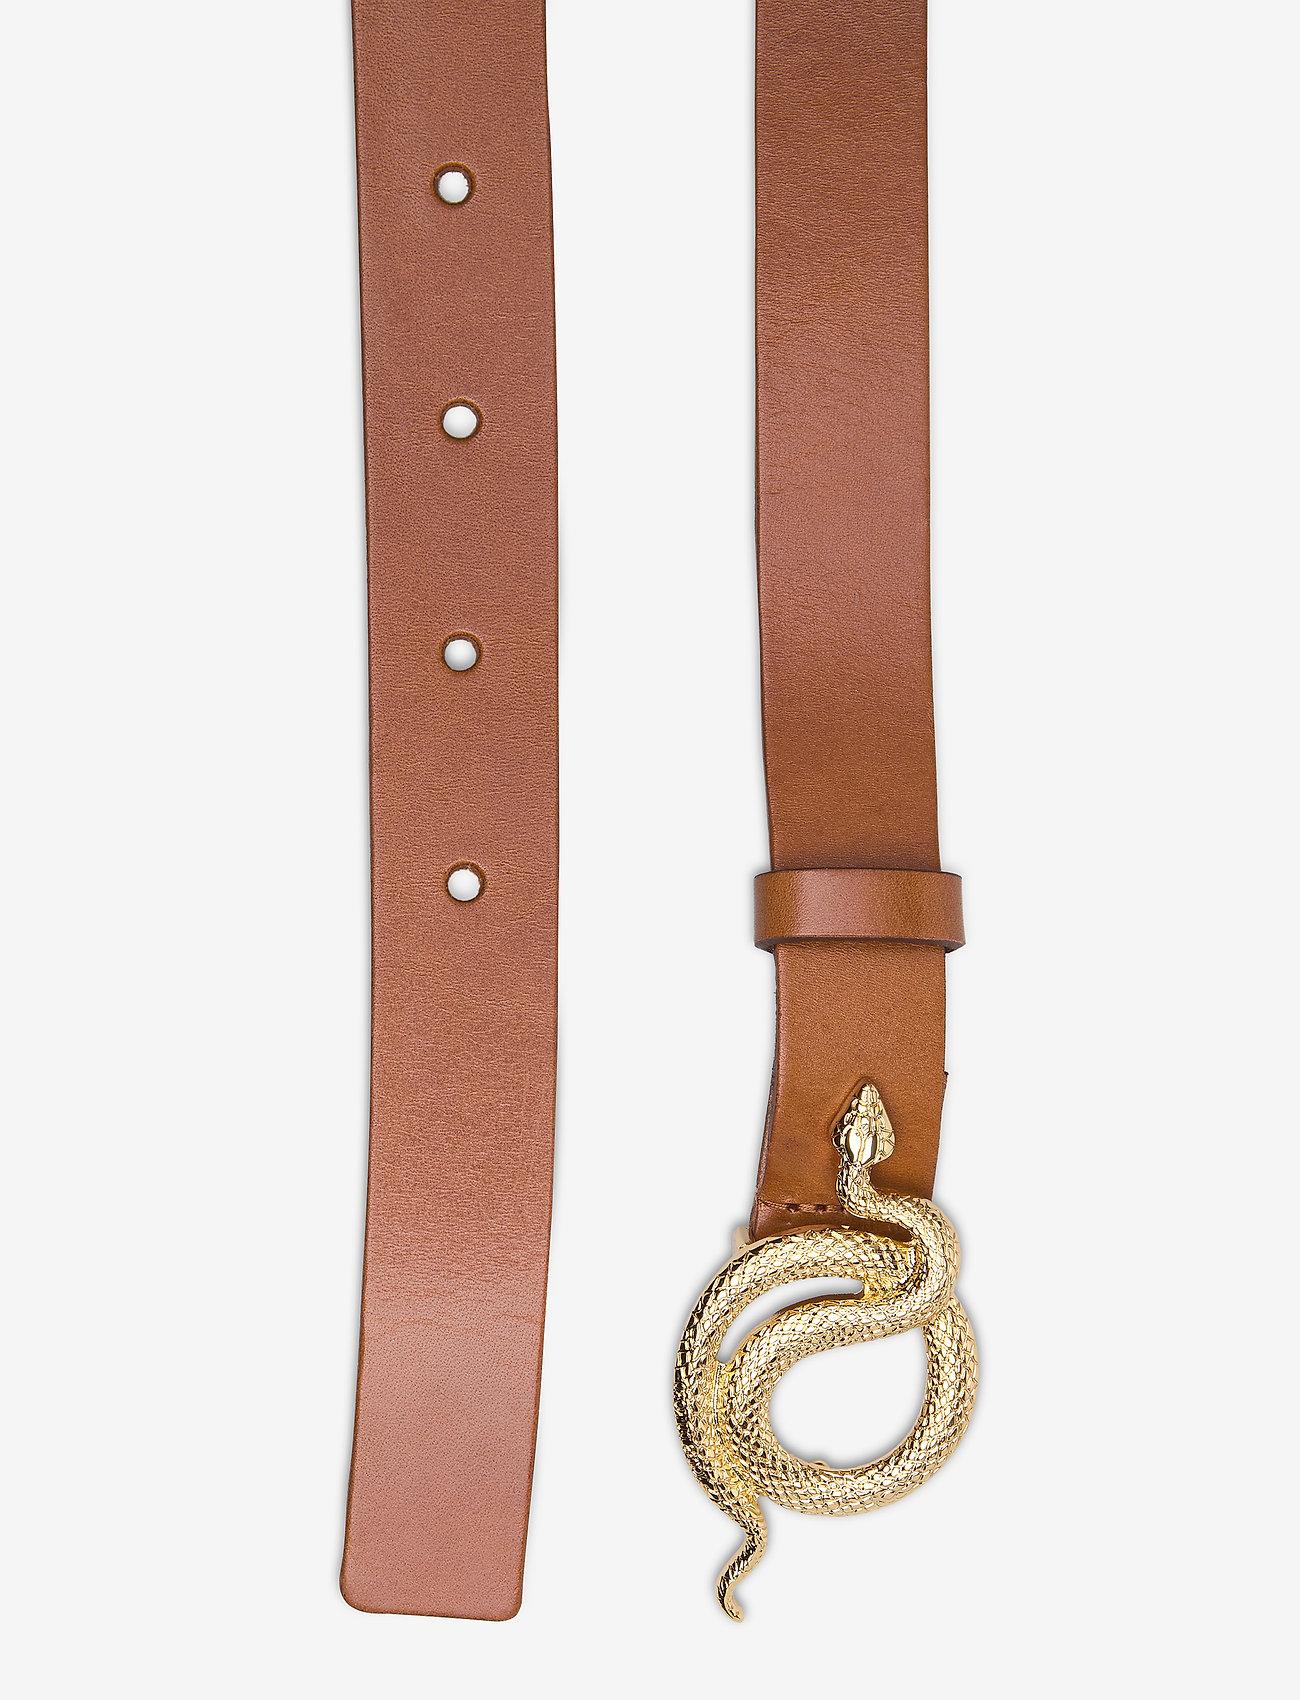 Paxton Leather Belt (Cognac/gold) (56 €) - Notes du Nord Feb2L